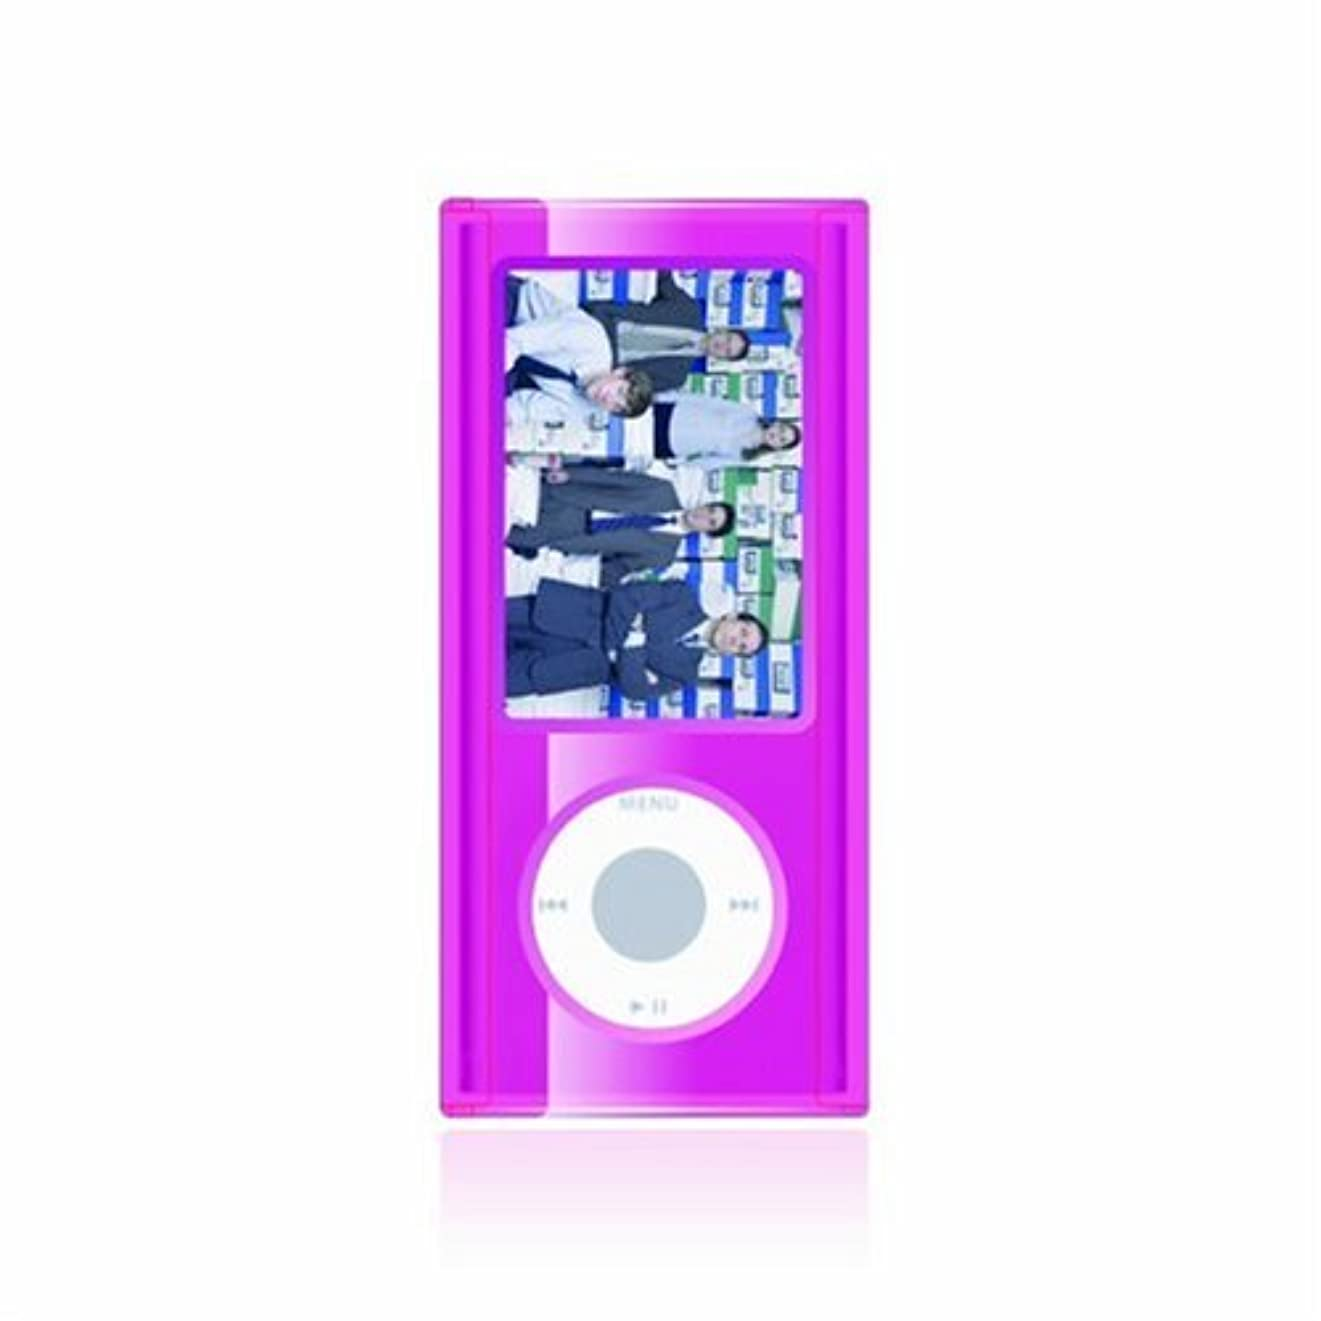 稚魚グレートオークベーコンspeck iPod Nano 4G See Thru Pink  SEETHRU-N4-PK